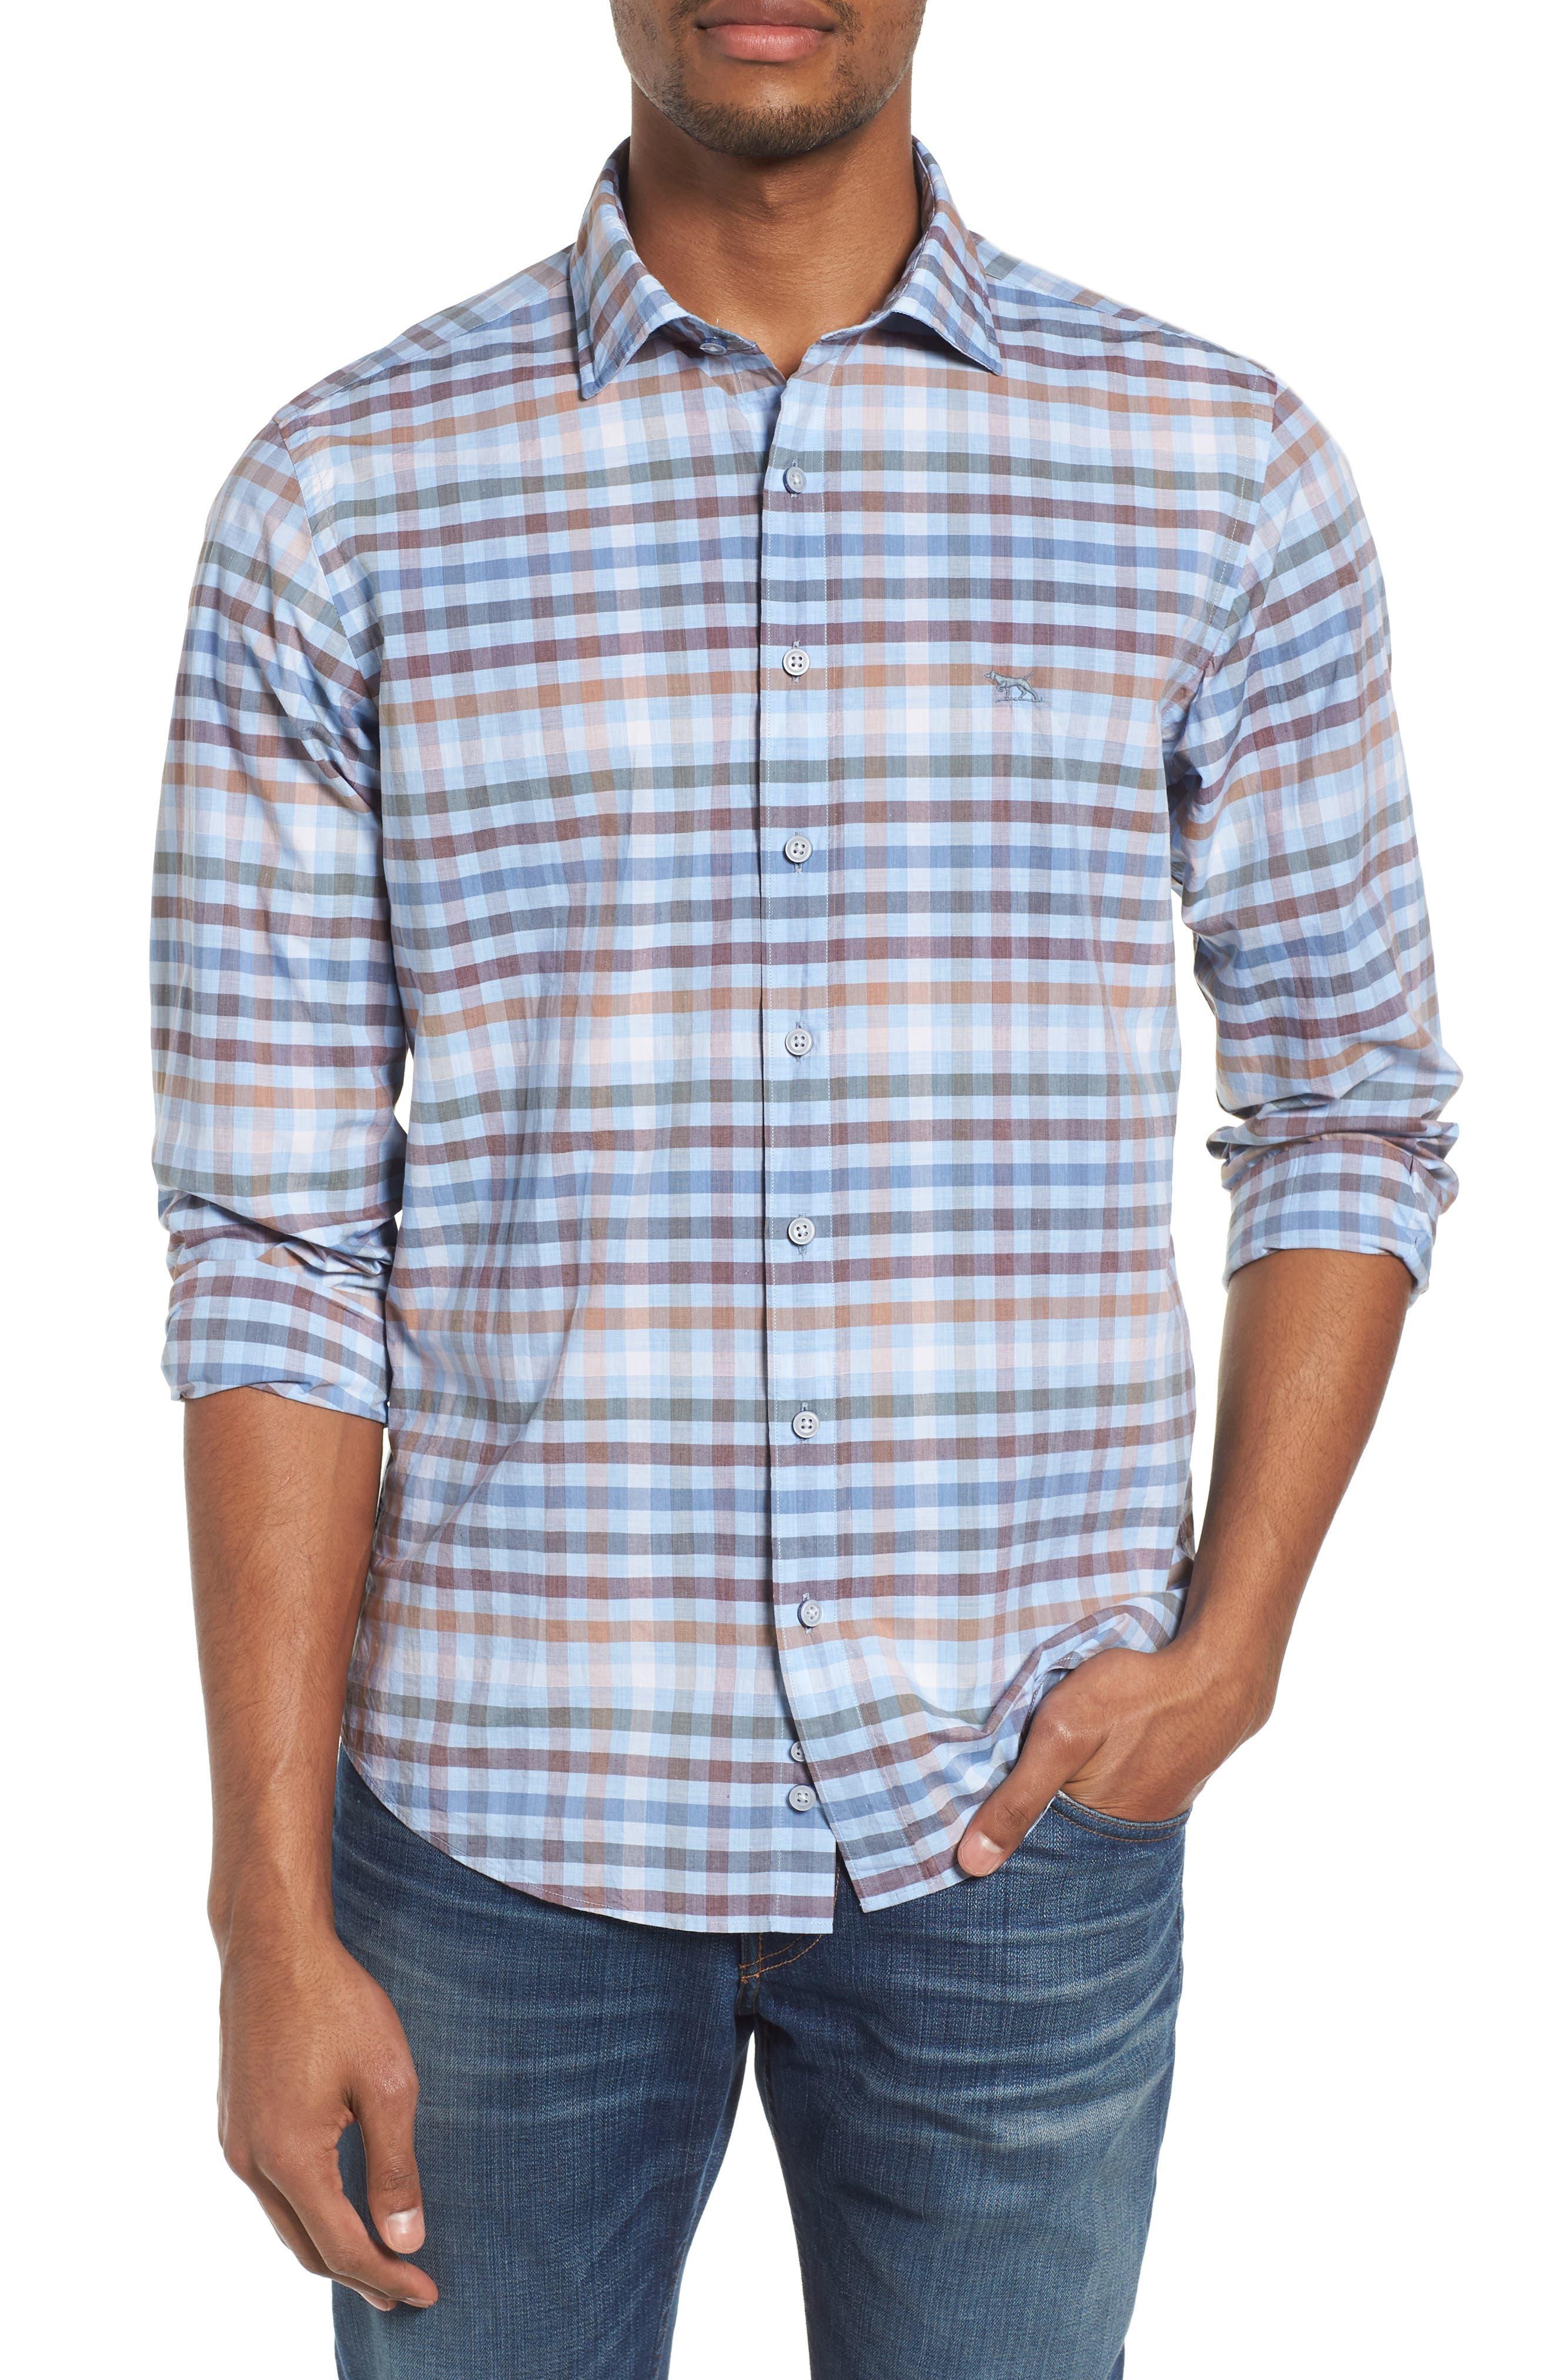 Rothesay Regular Fit Check Sport Shirt,                             Main thumbnail 1, color,                             Stonewash